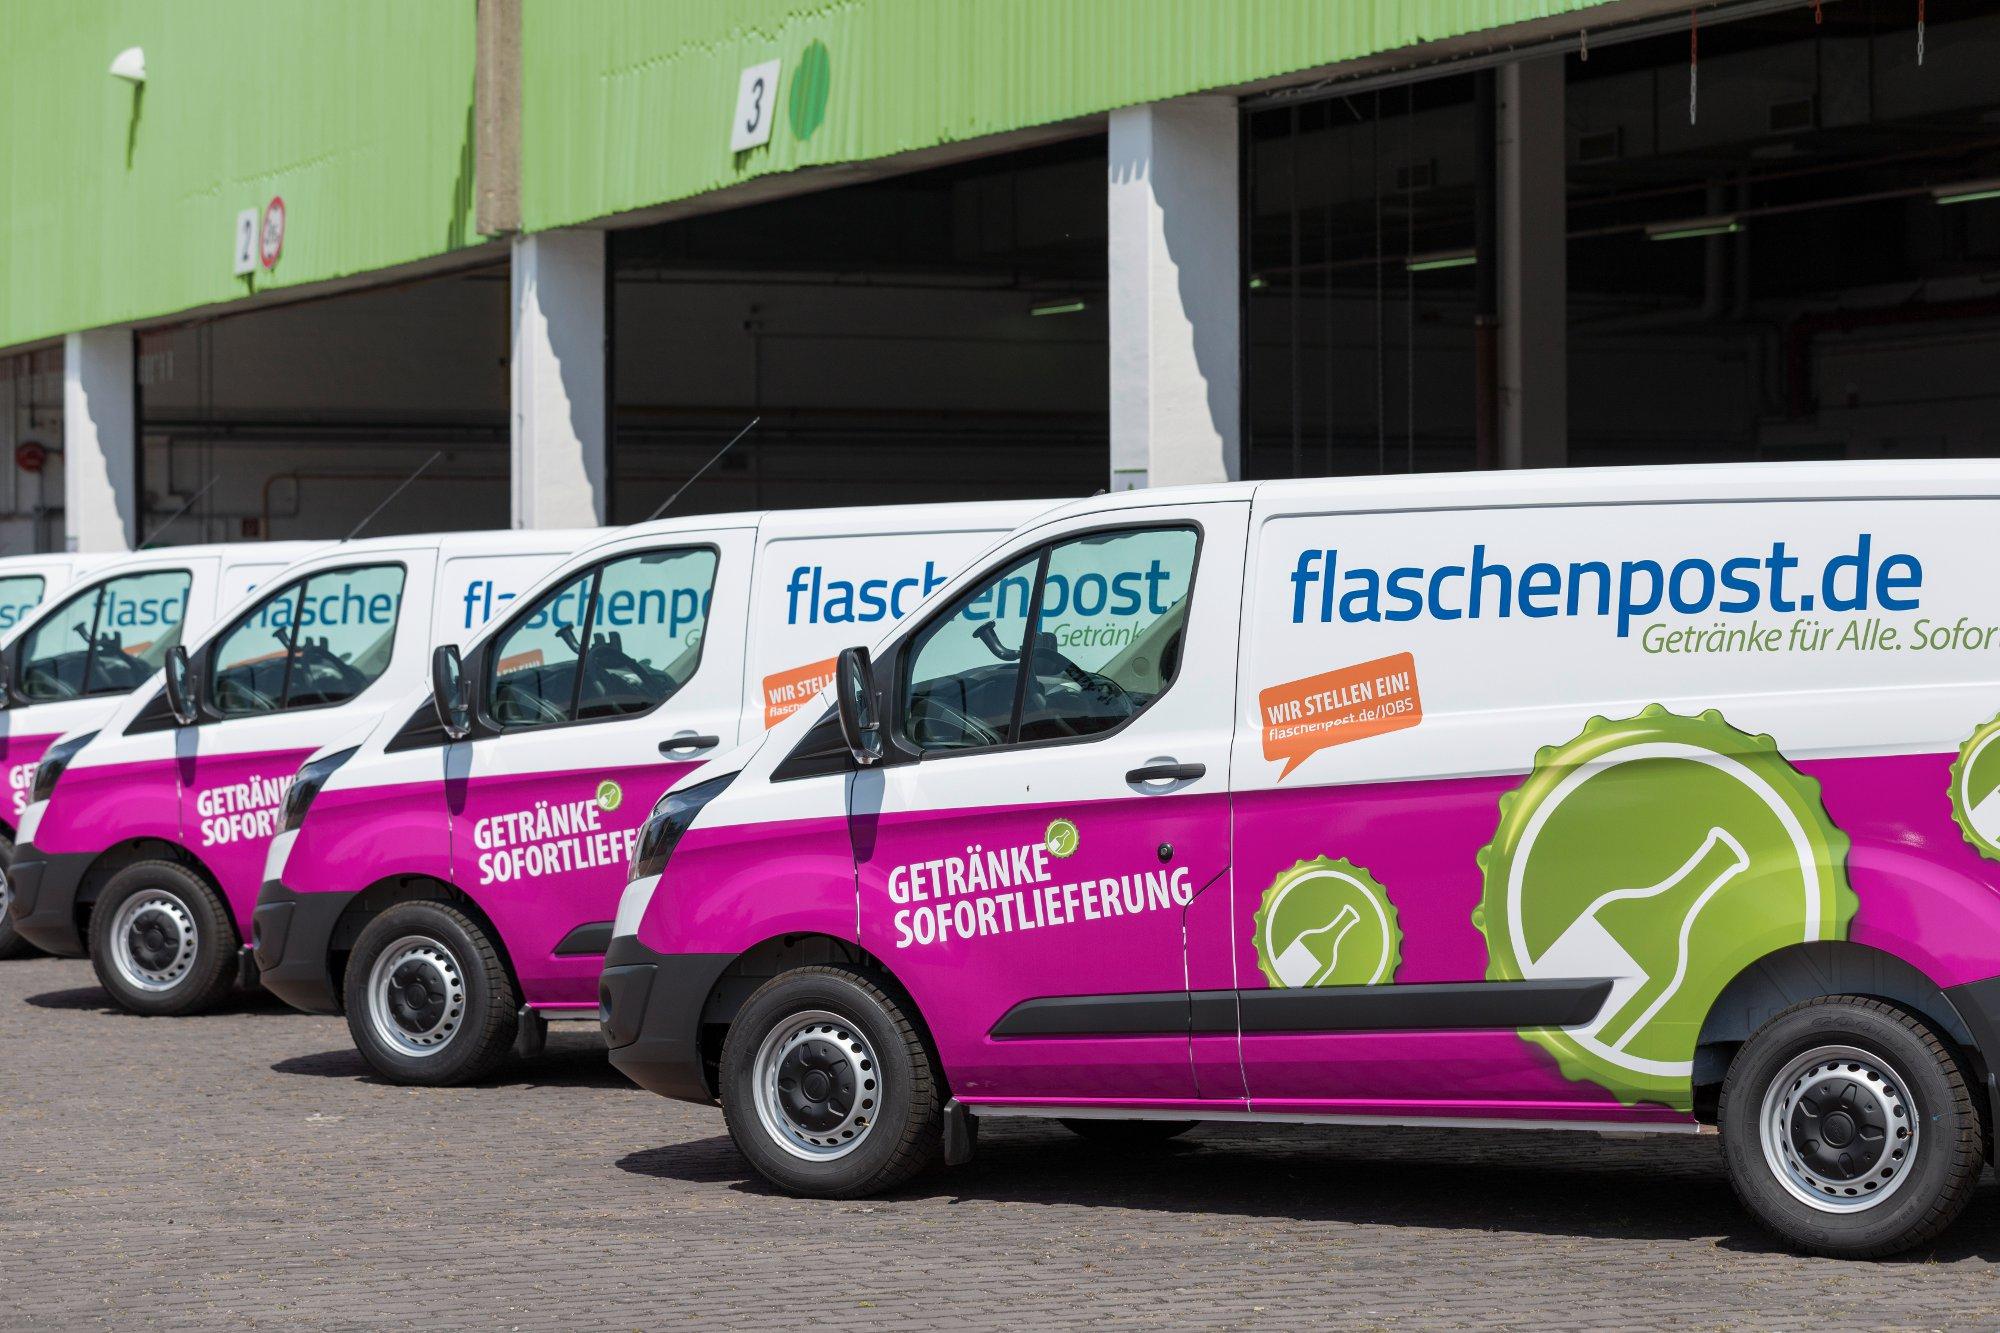 flaschenpost 5€ Gutschein (corporate benefits) 25€ MBW